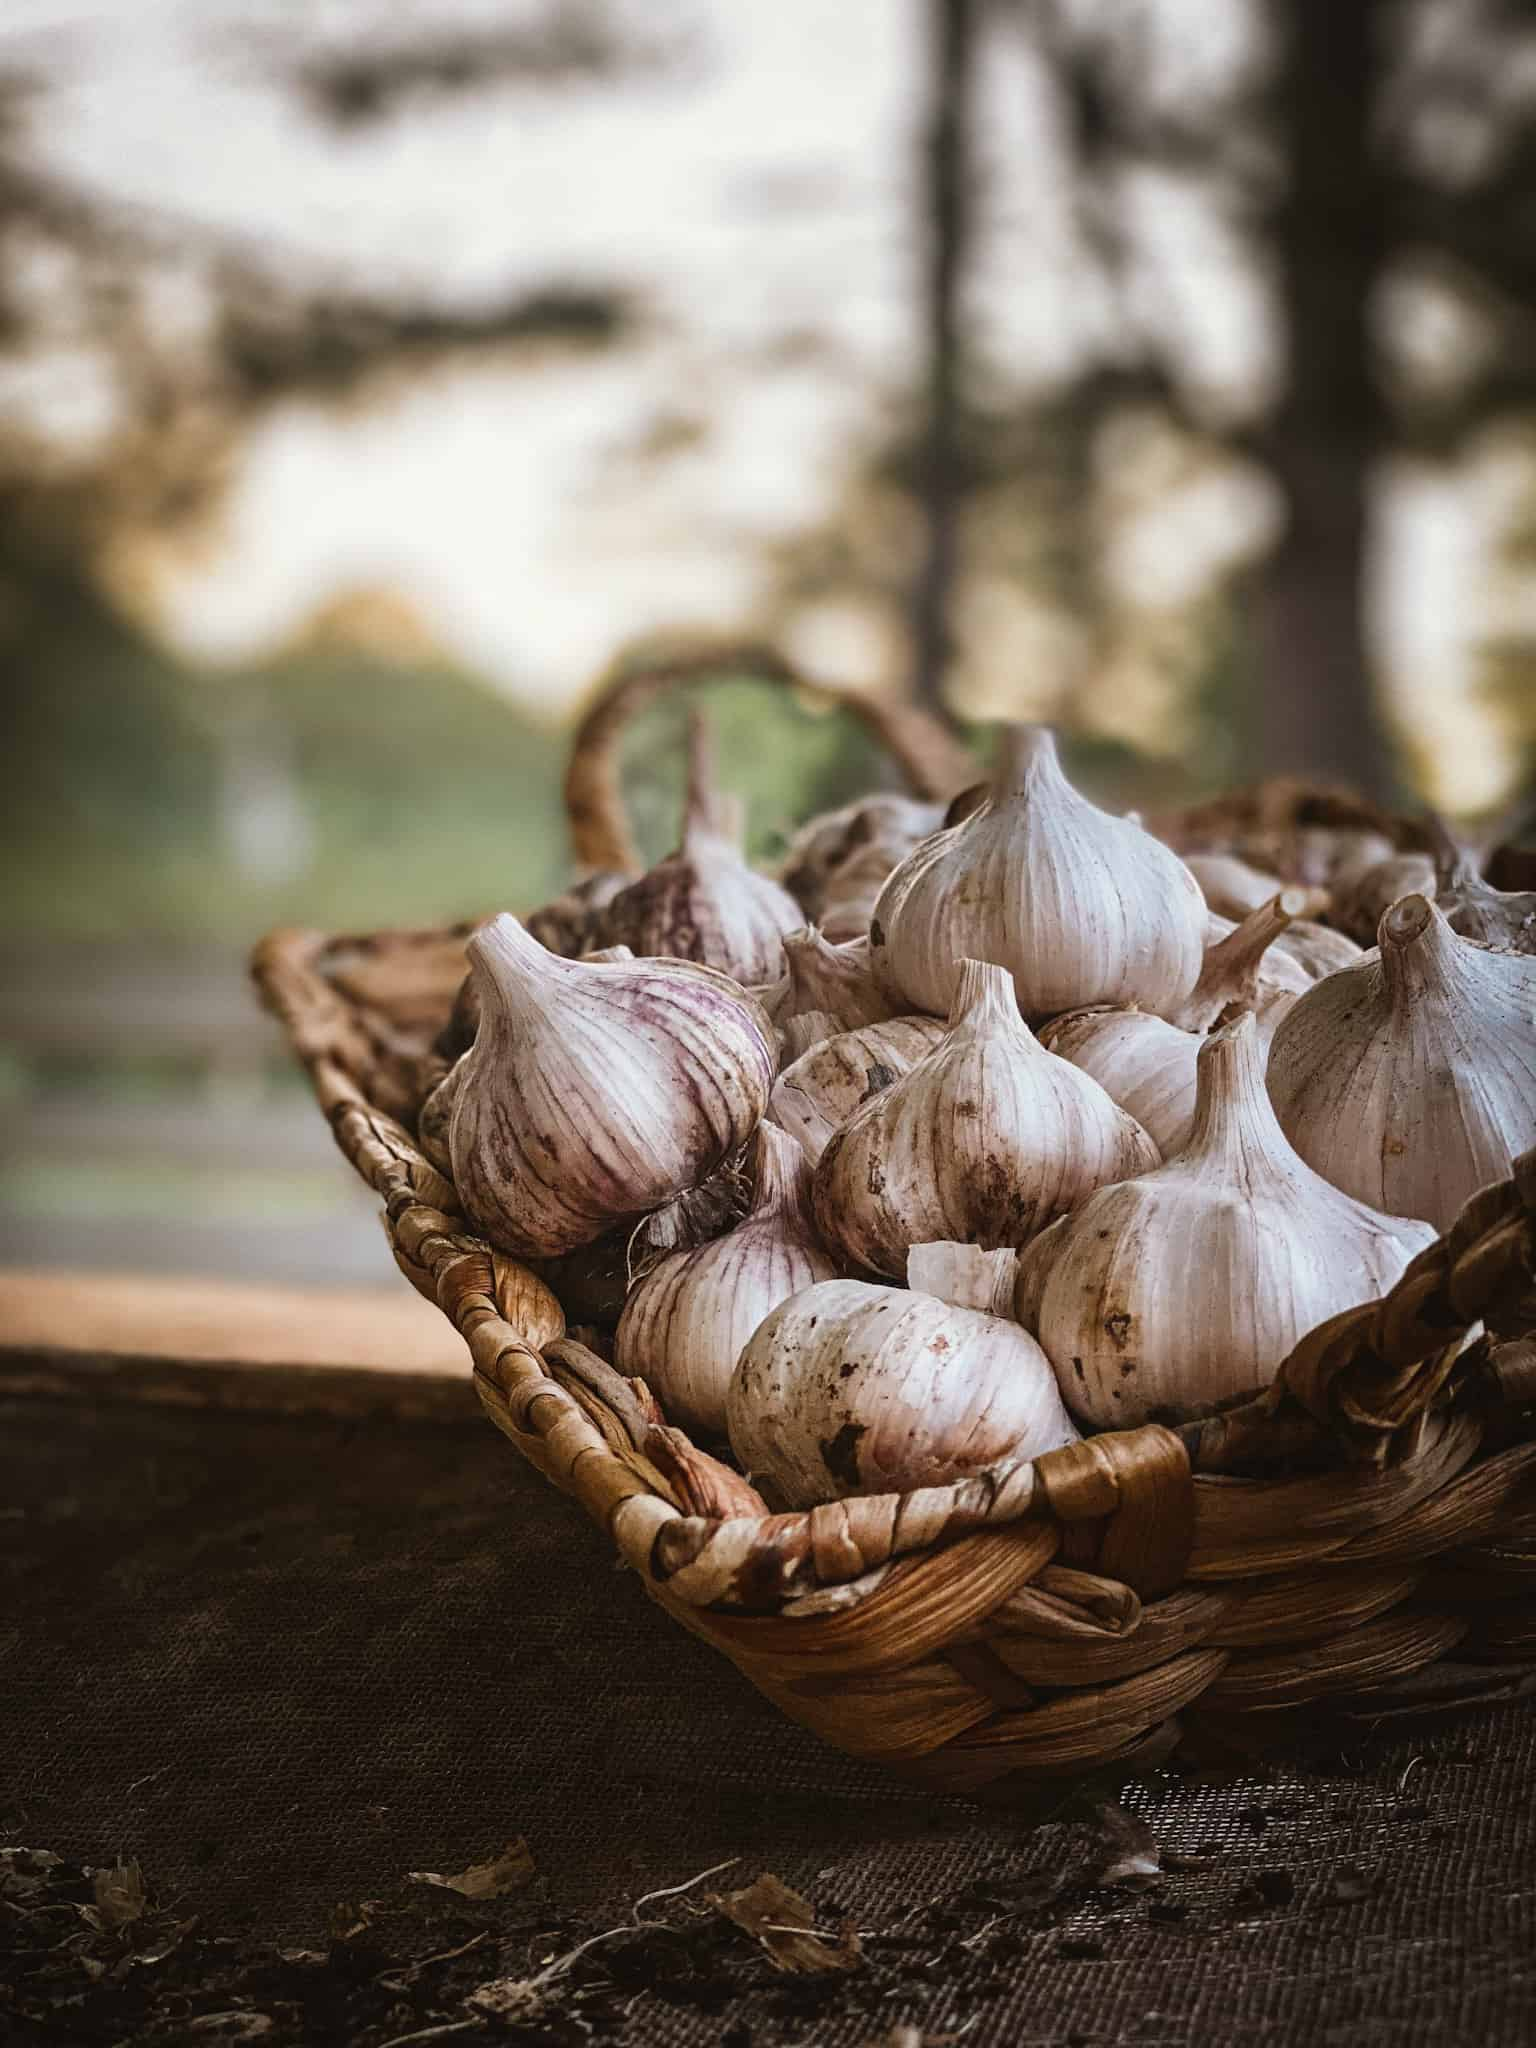 garlic cloves in a wicker basket